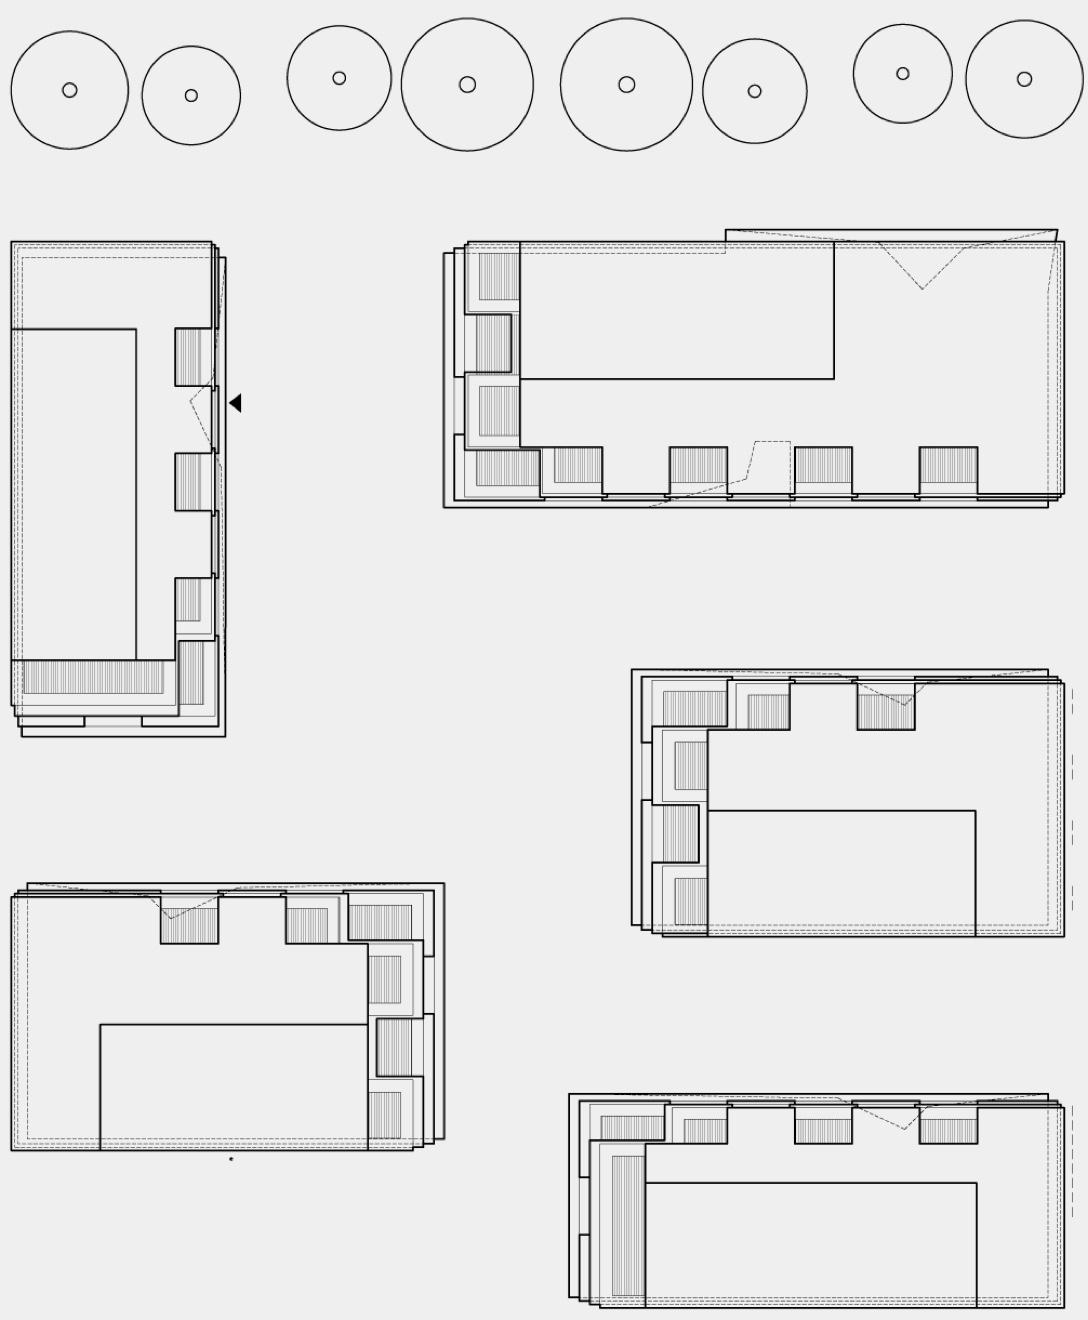 Pixel, plan architektoniczny - Garvest - Poznań